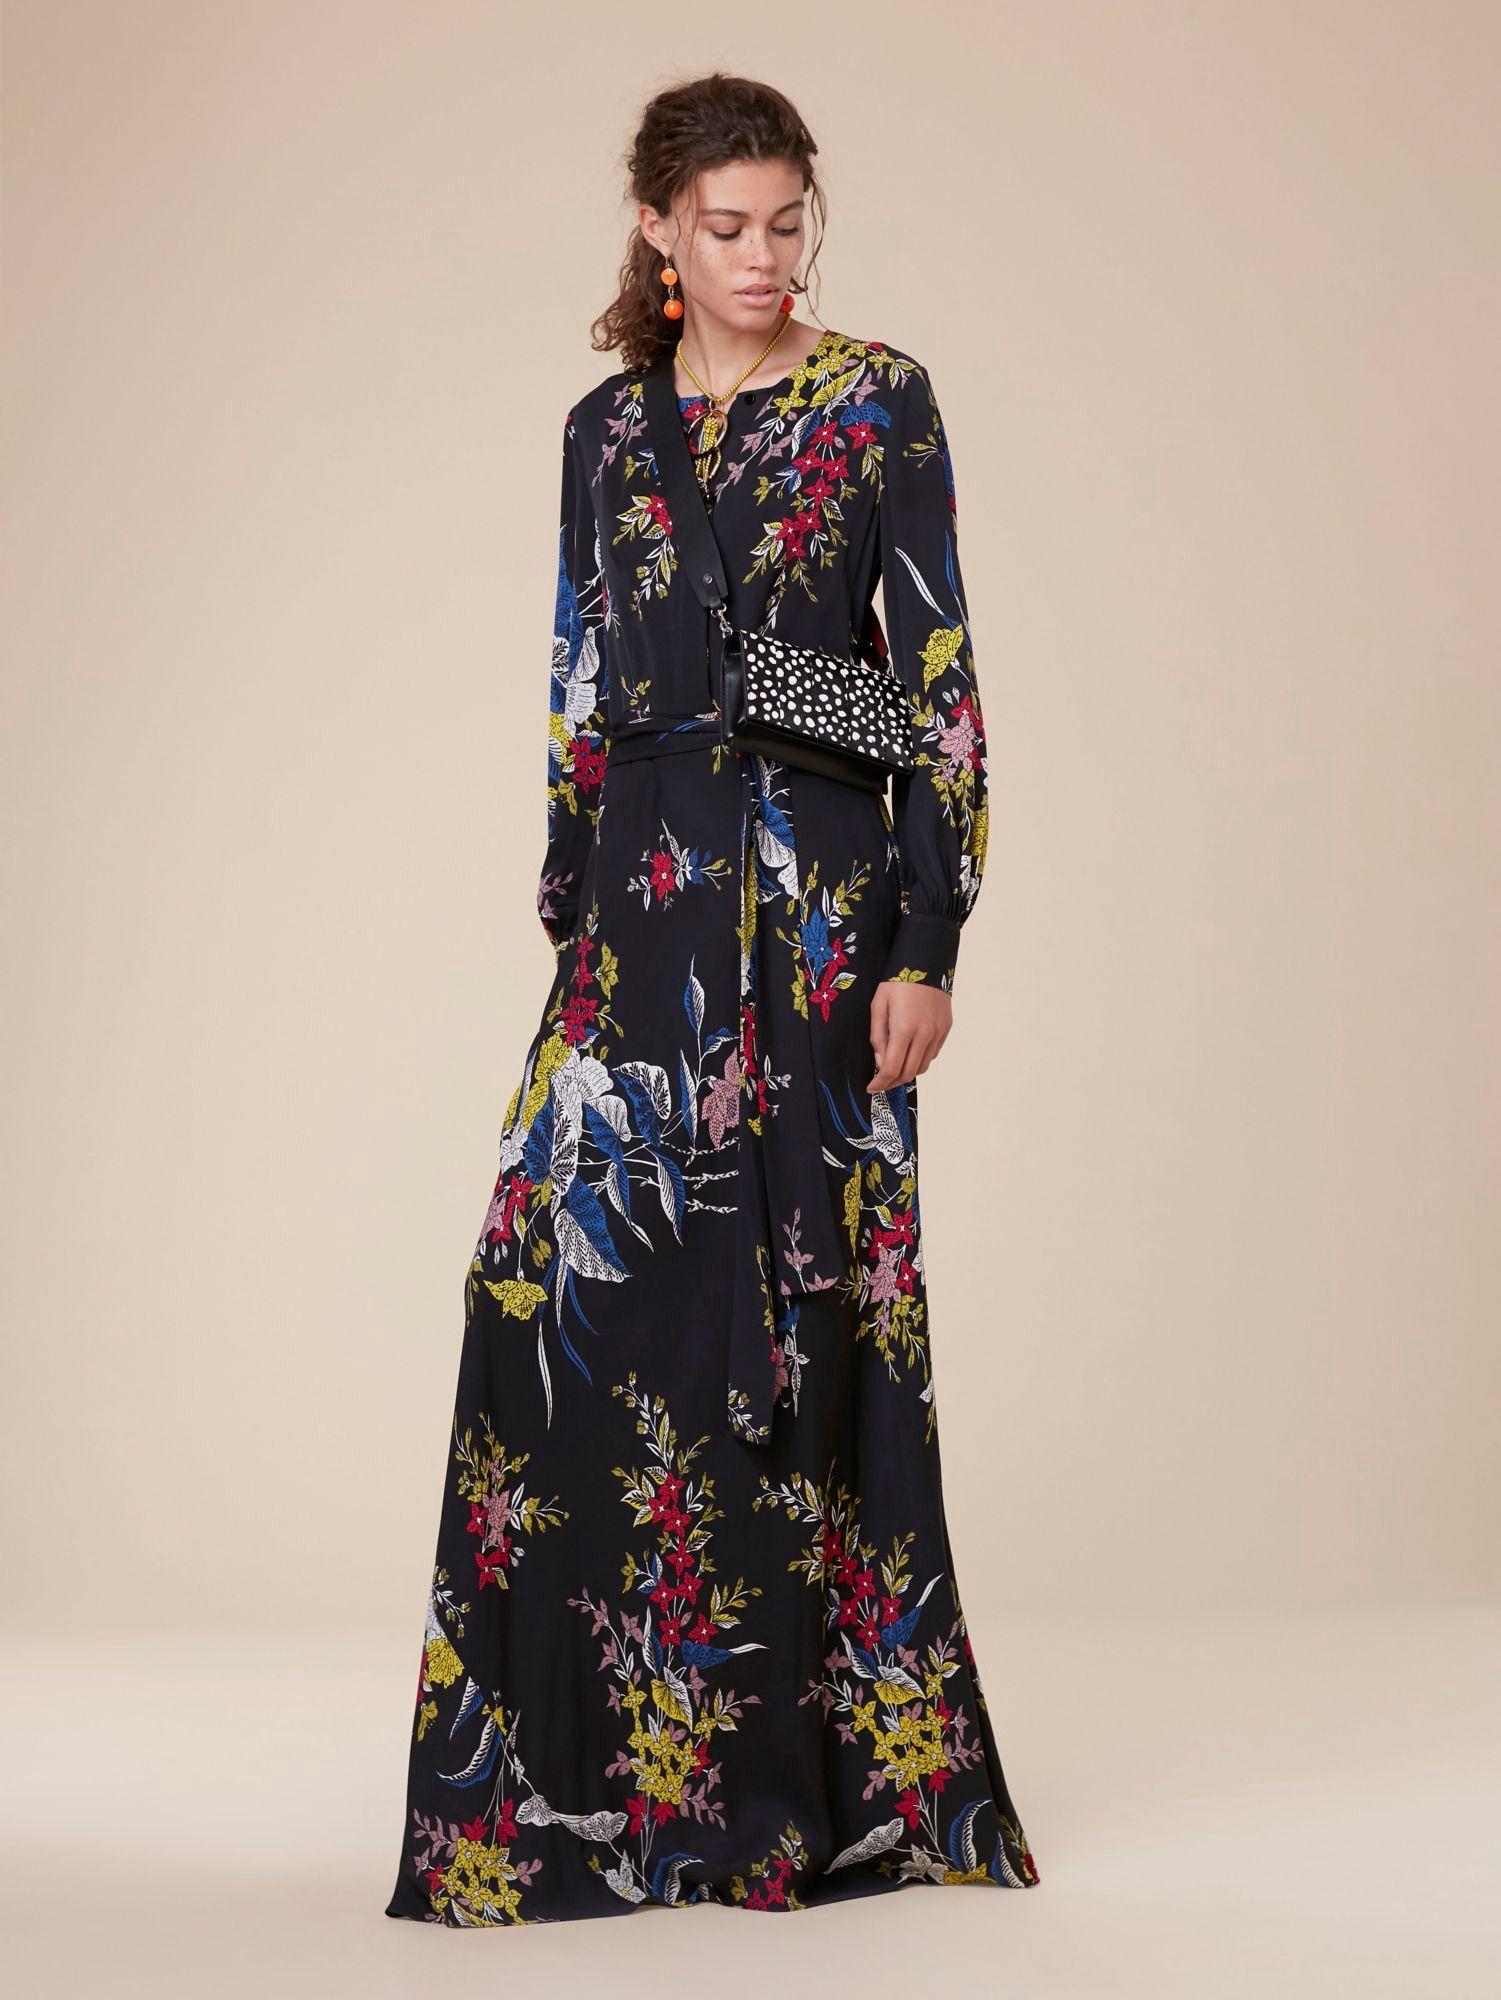 bca972fa449 Diane Von Furstenberg Dvf Waist Tie Maxi Dress - Camden Black 10